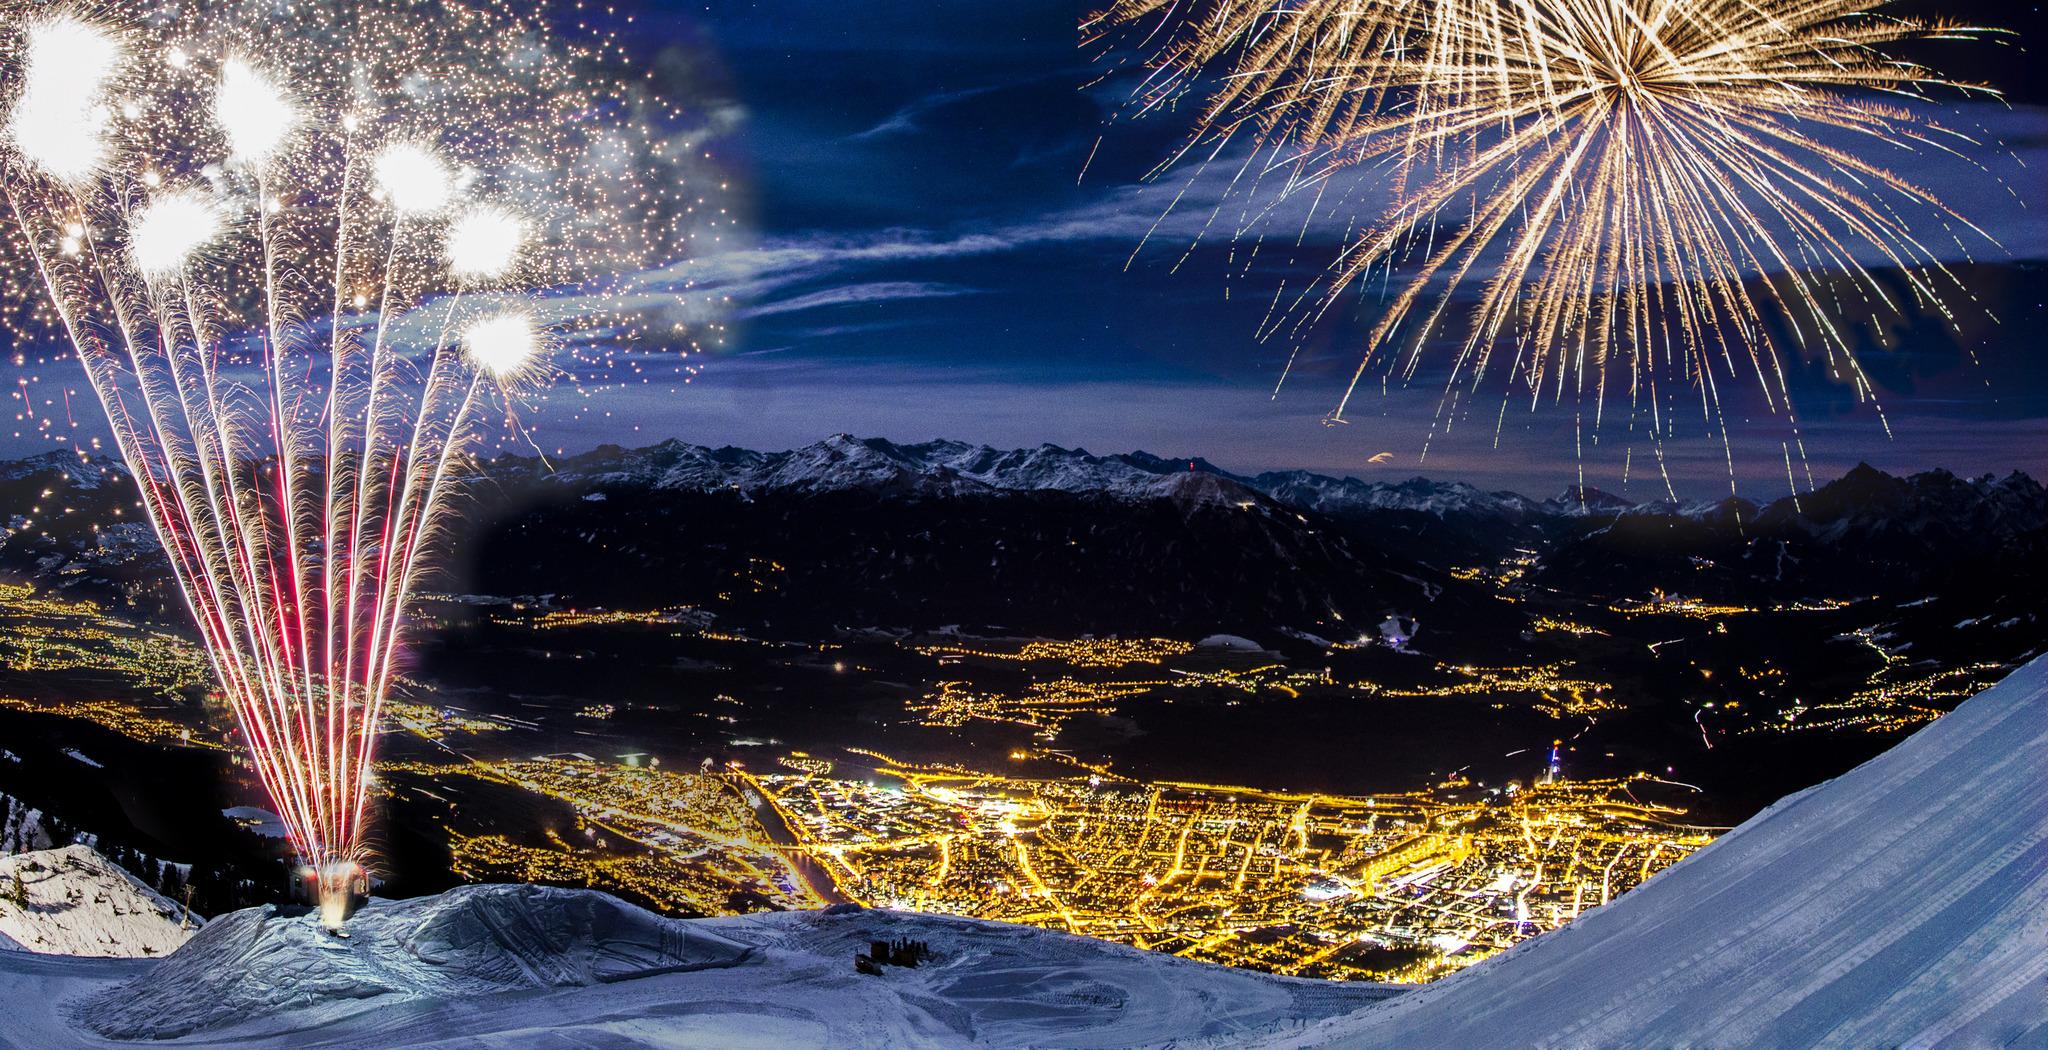 Laser statt Feuerwerk - Bergsilvester im Umbau - Innsbruck